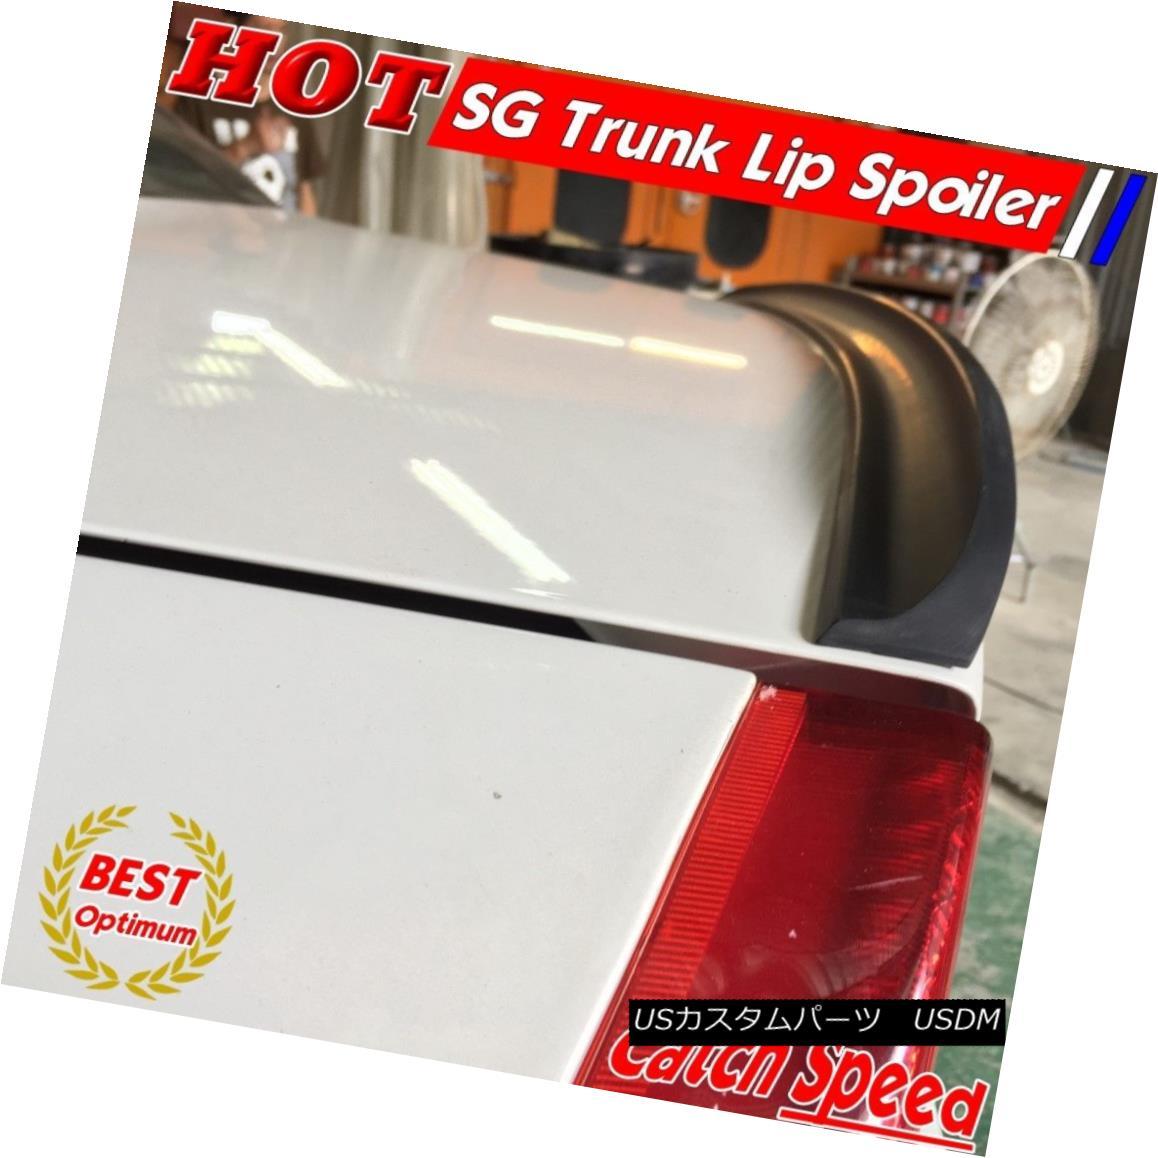 エアロパーツ Flat Black SG Type Trunk Spoiler Wing For BMW 7-Series F01 Sedan 2009~11 ? フラットブラックSGタイプトランクスポイラーウィングBMW 7シリーズF01セダン2009?11?